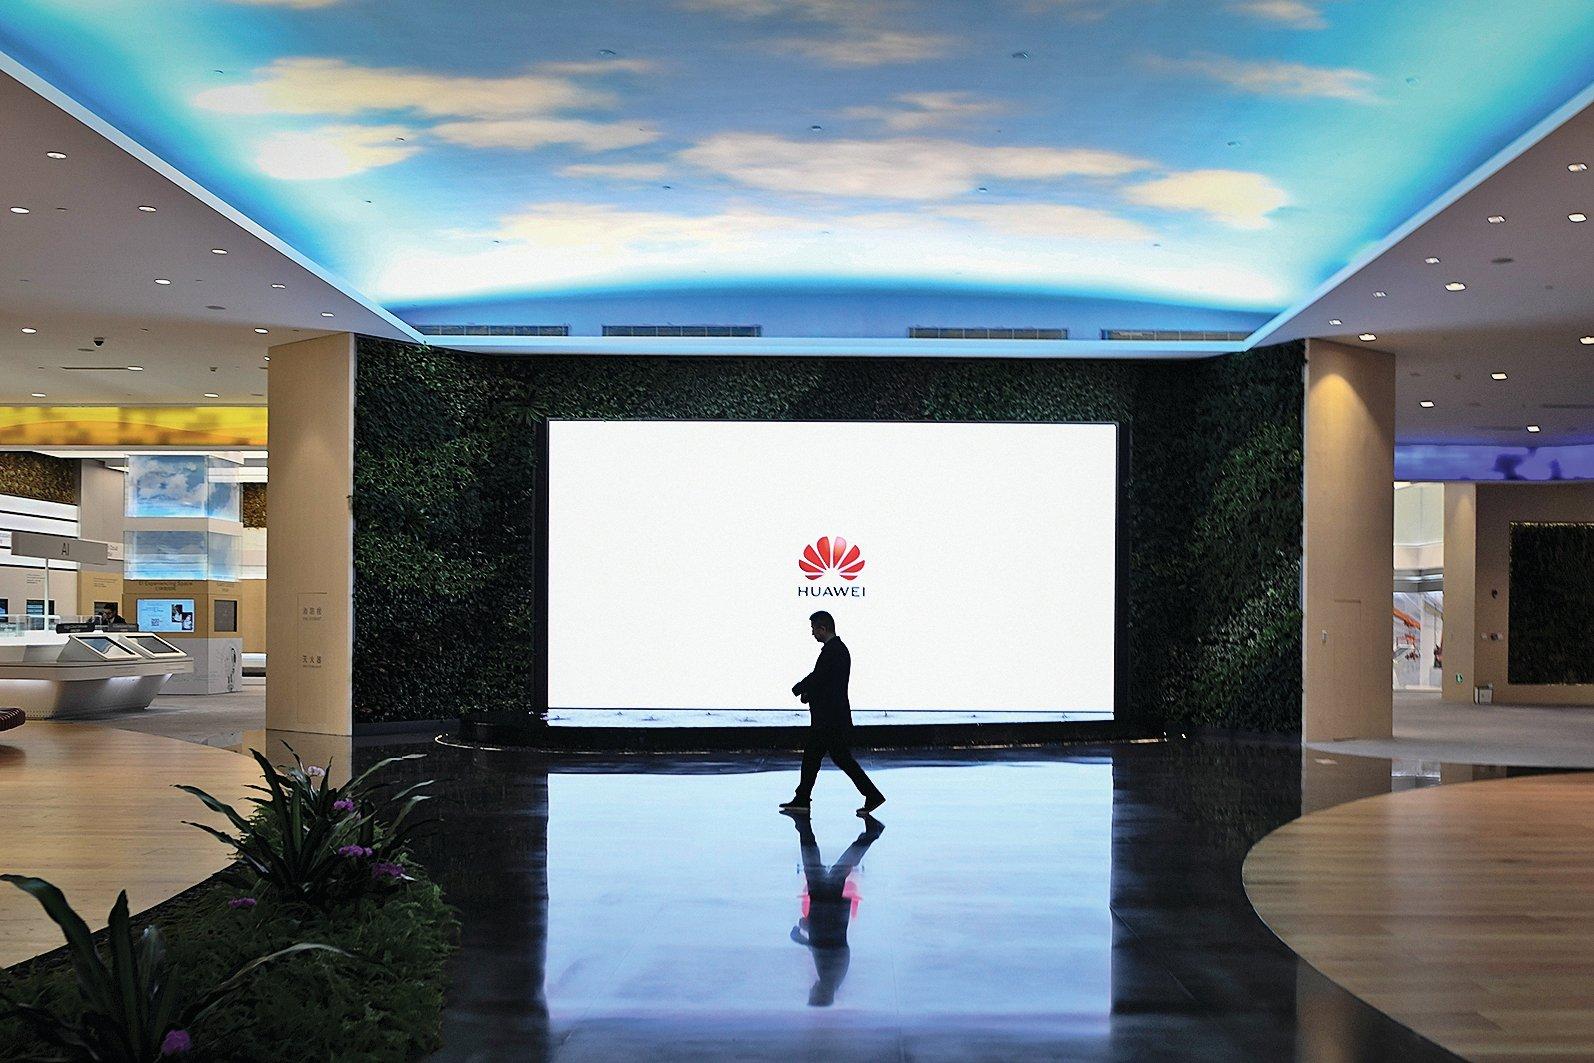 為贏得印度5G市場,華為提議簽署「無後門協議」,但鑑於華為過去的行為,印度當局對華為的承諾仍然深表質疑。(Getty Images)